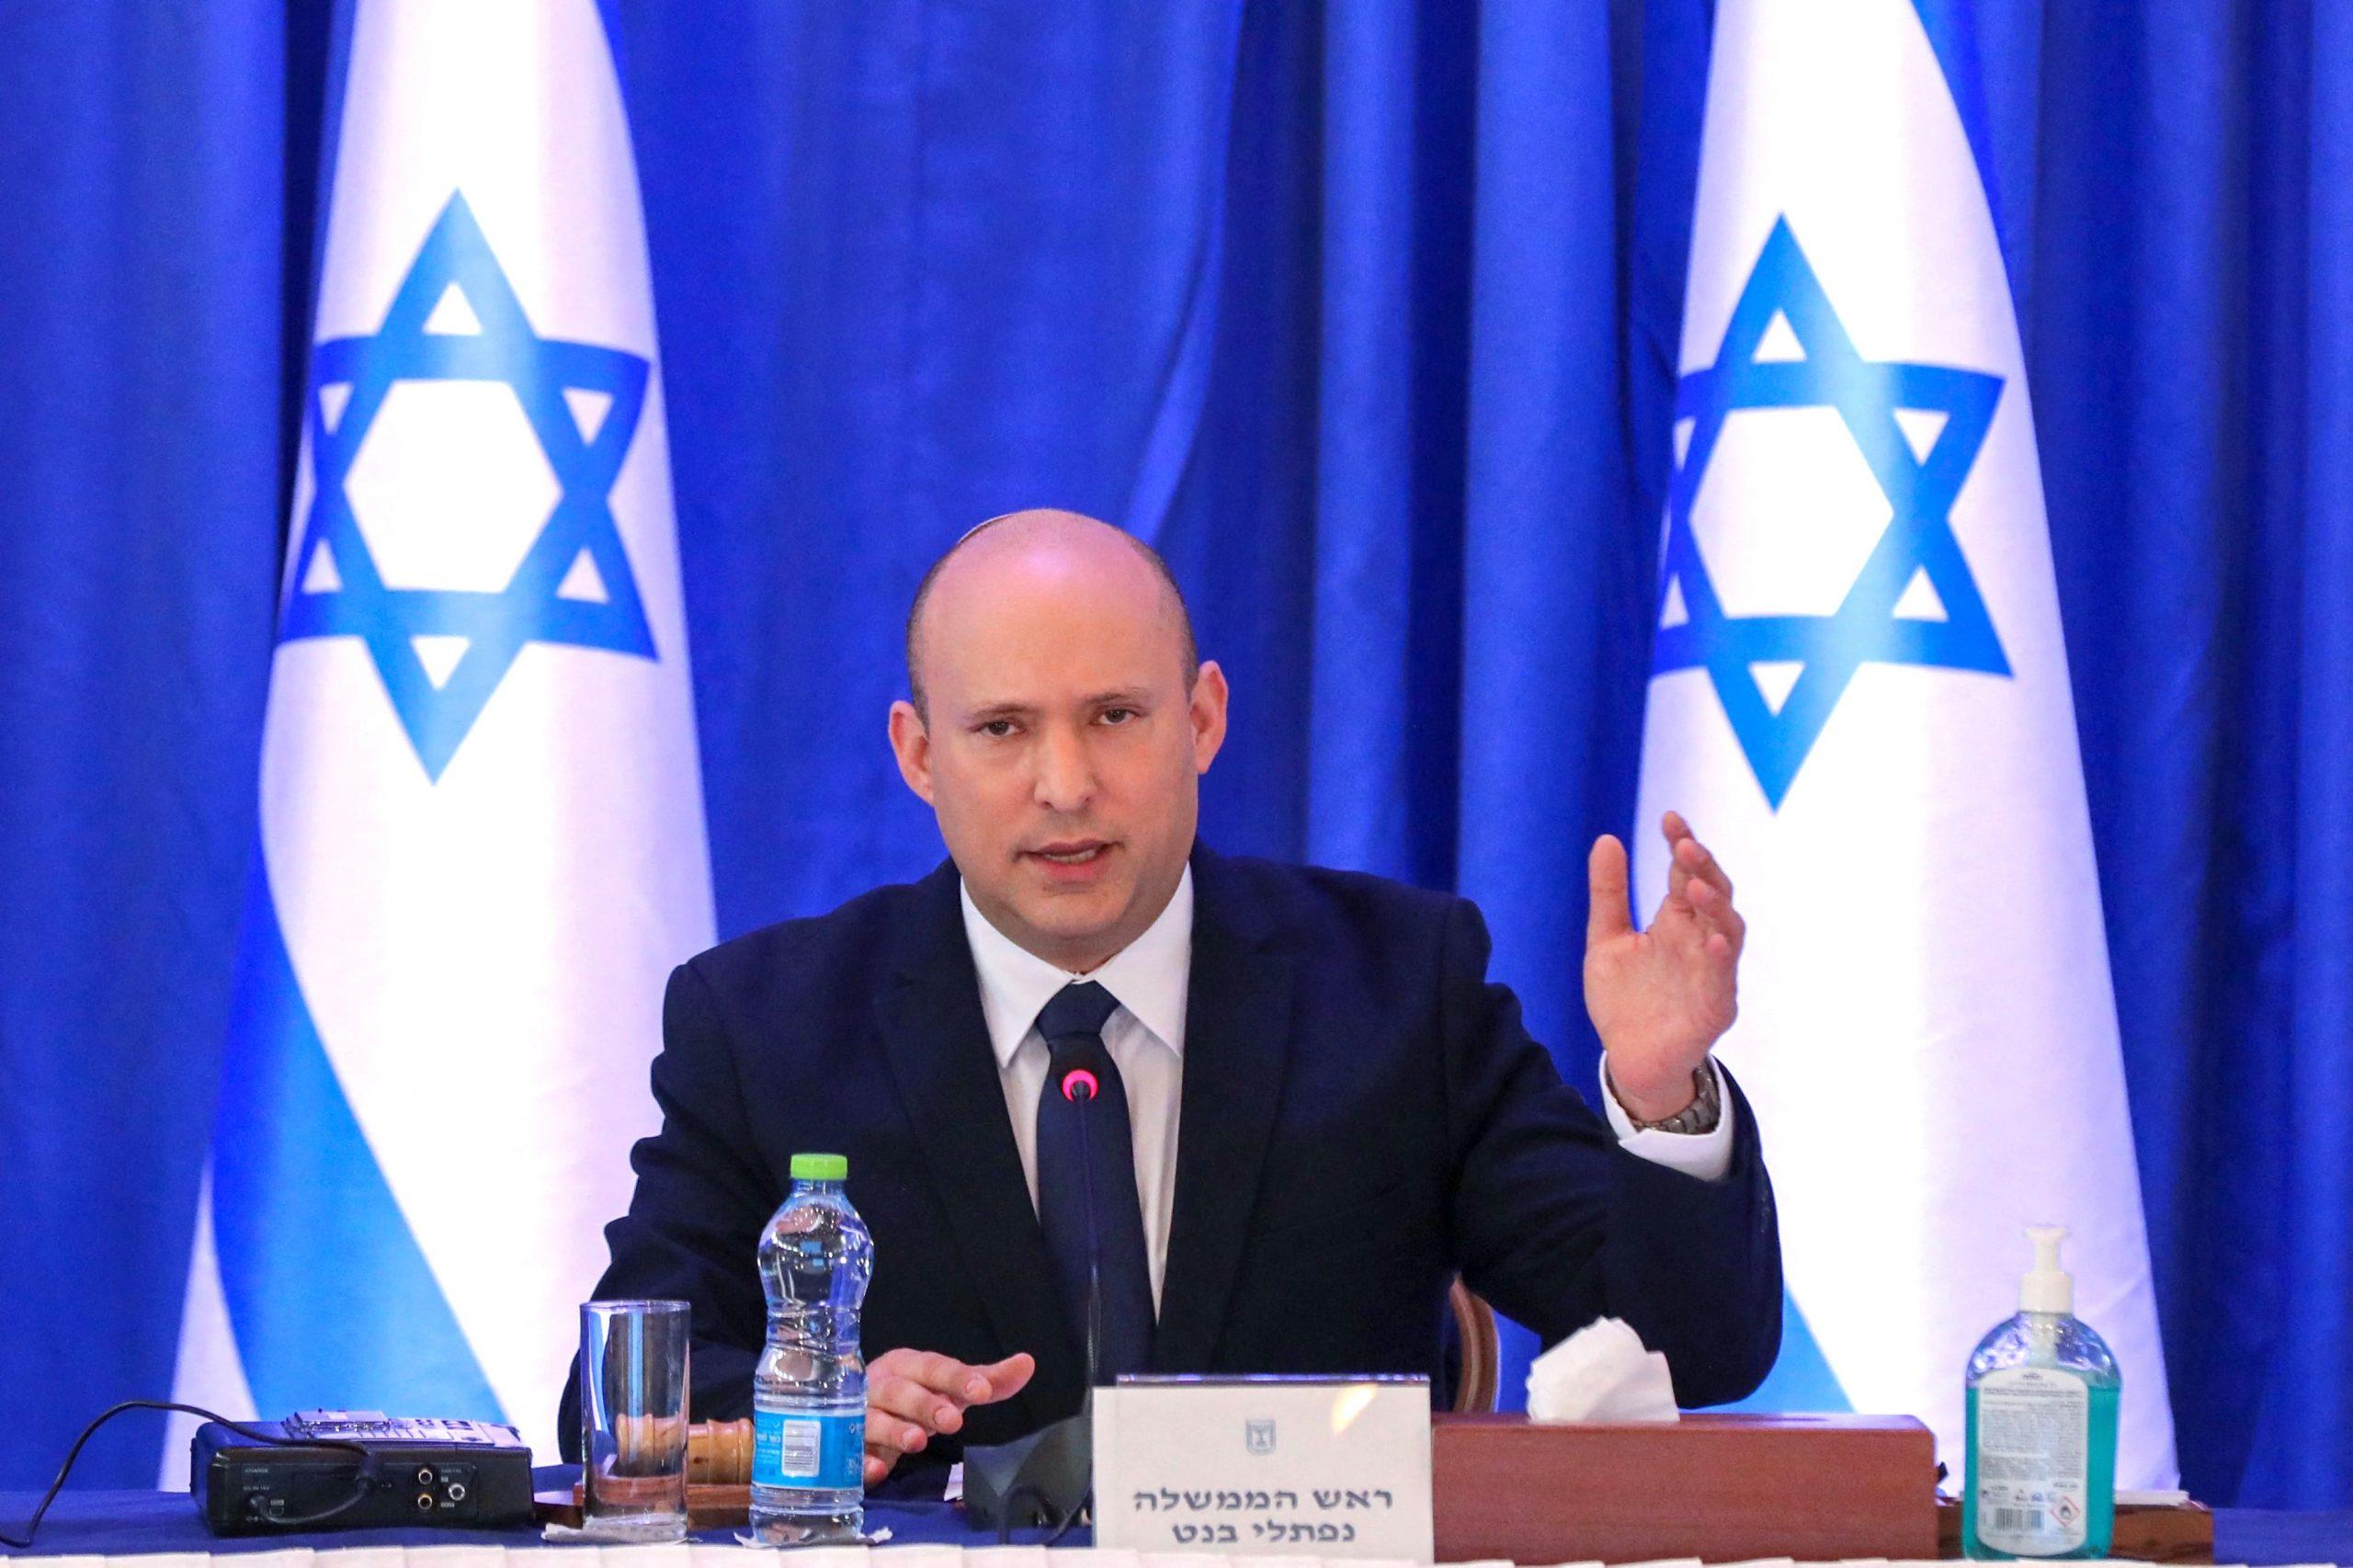 Israelischer Regierungschef trifft ägyptischen Präsidenten